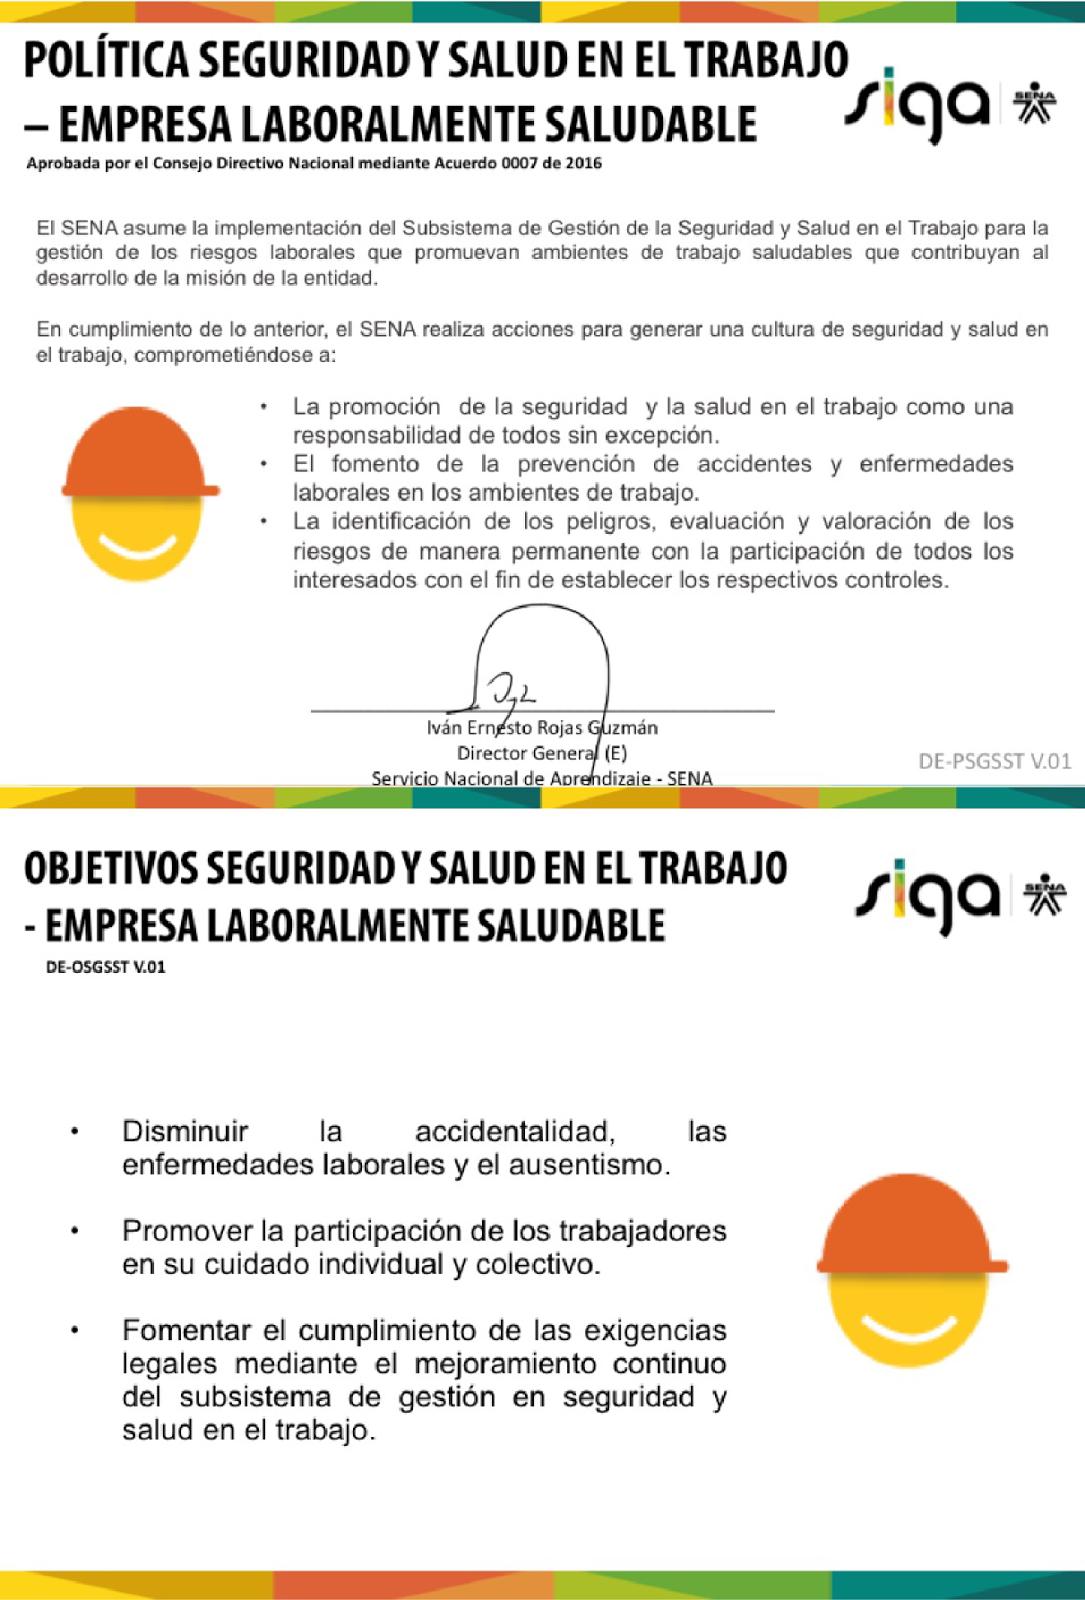 Asombroso Gerente De Seguridad Reanudar Pdf Ilustración - Ejemplo De ...